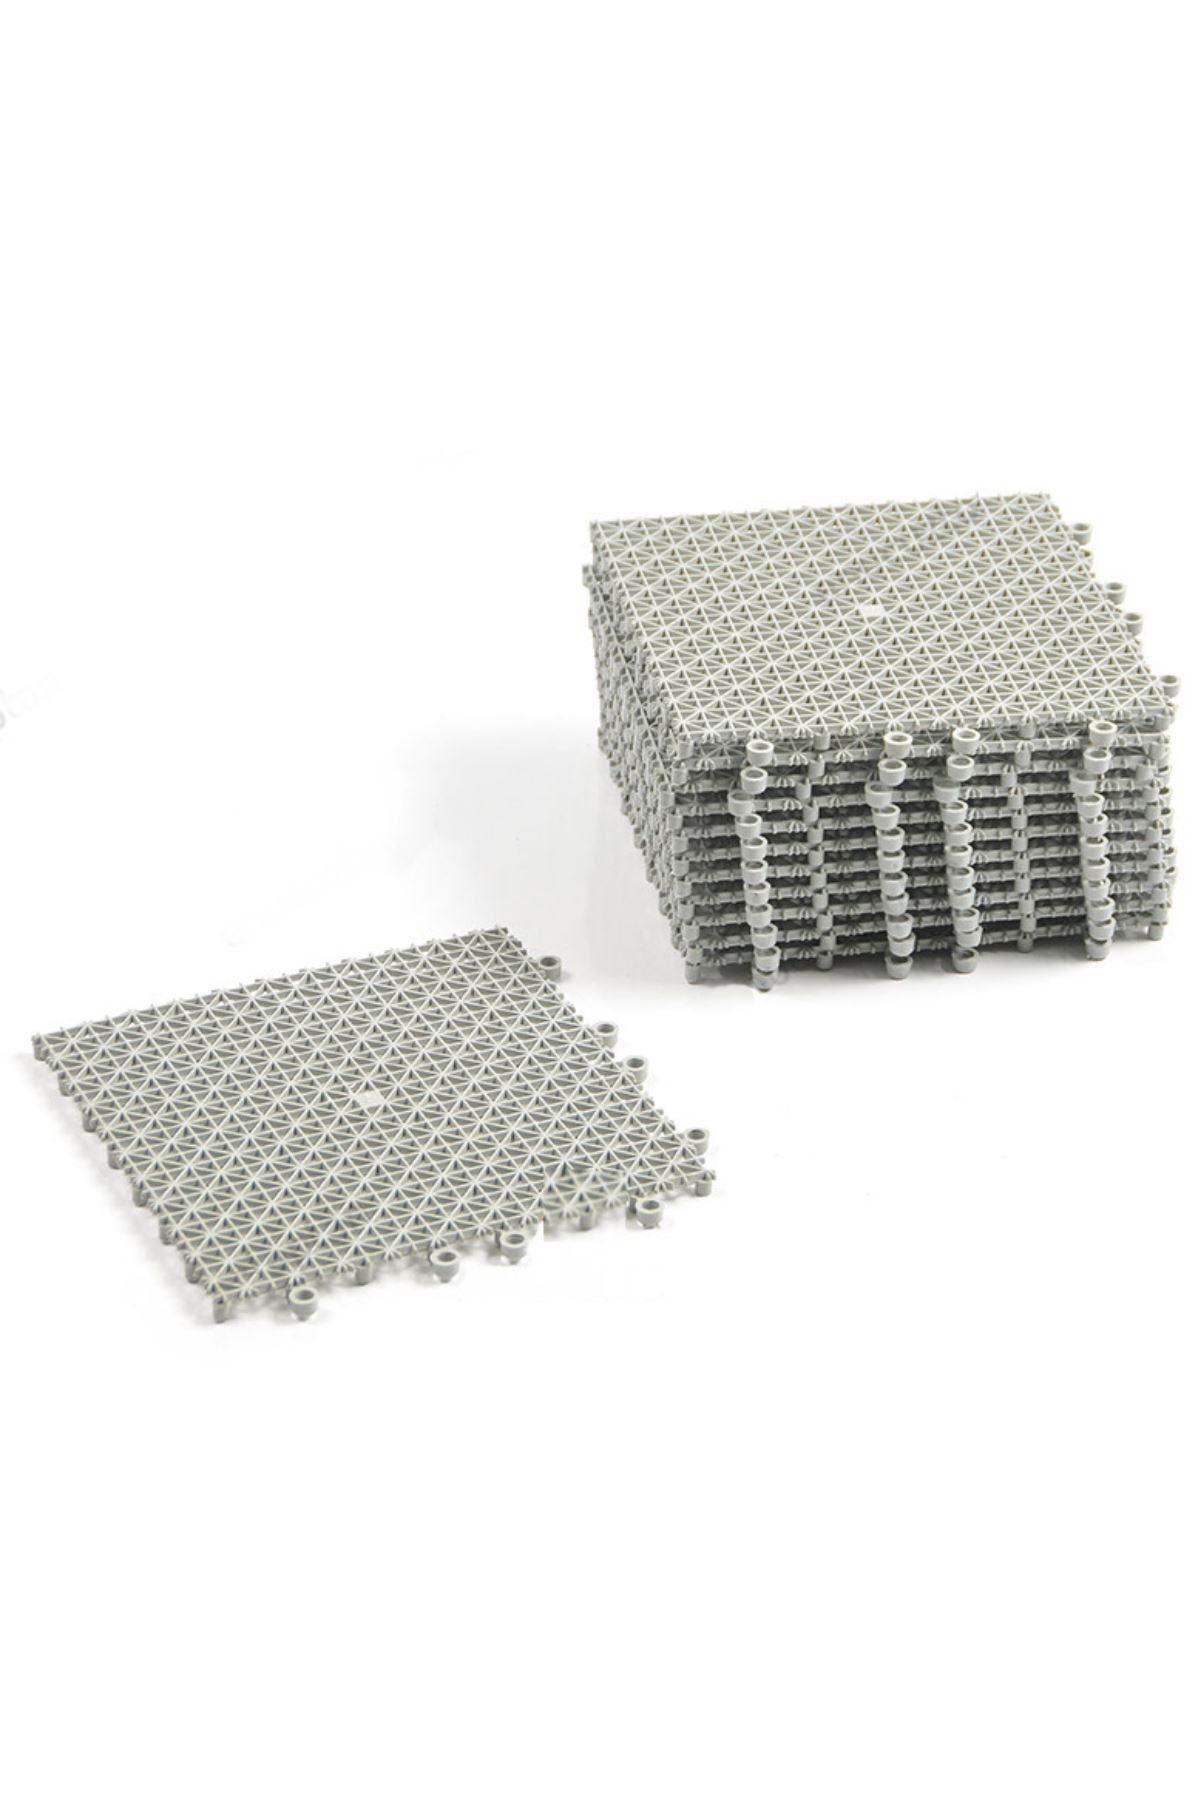 Gri Plastik Kırılmaz Yer Karosu Zemin Kaplaması 1m2 ( 16 Adet ) 25 X 25 Cm grikaro